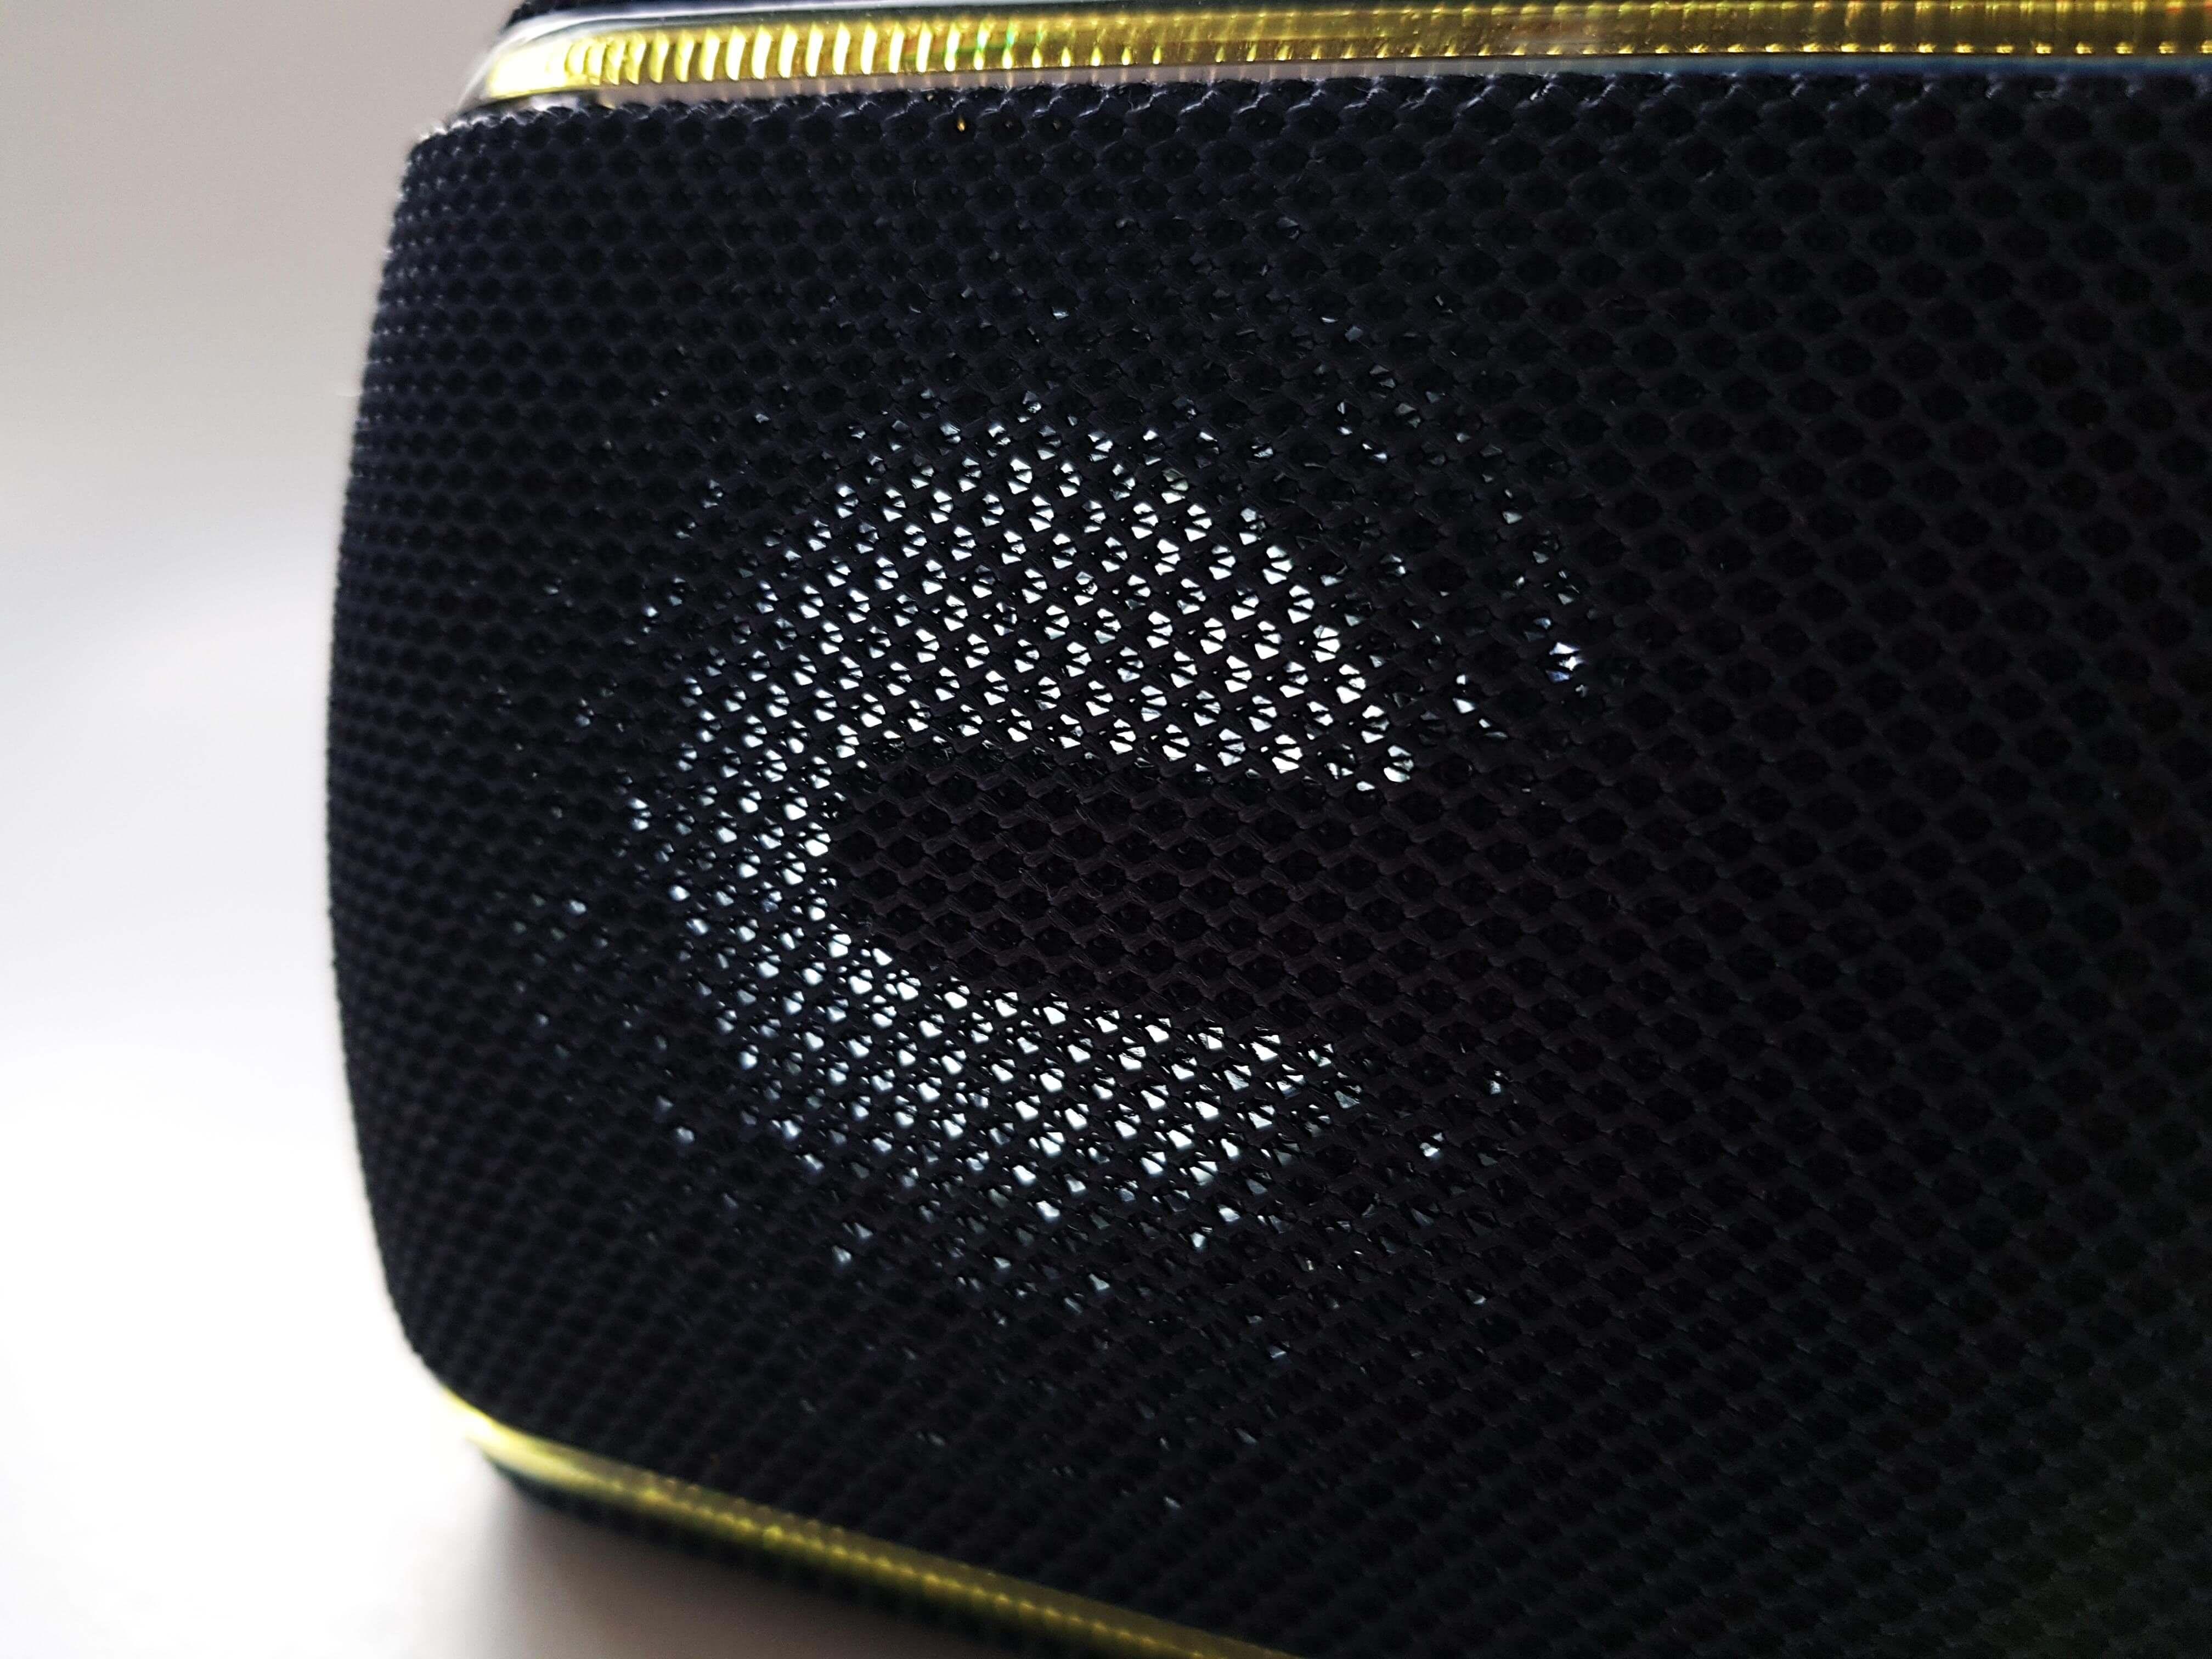 Boxa Wireless Sony SRS-XB41 Review Romana si Pareri - Foto 6